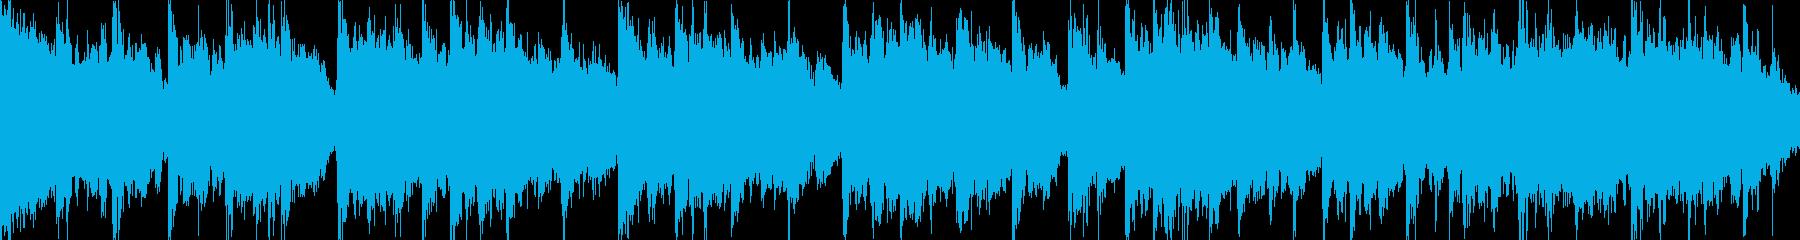 桜をイメージした切ない曲・ループ再生用2の再生済みの波形